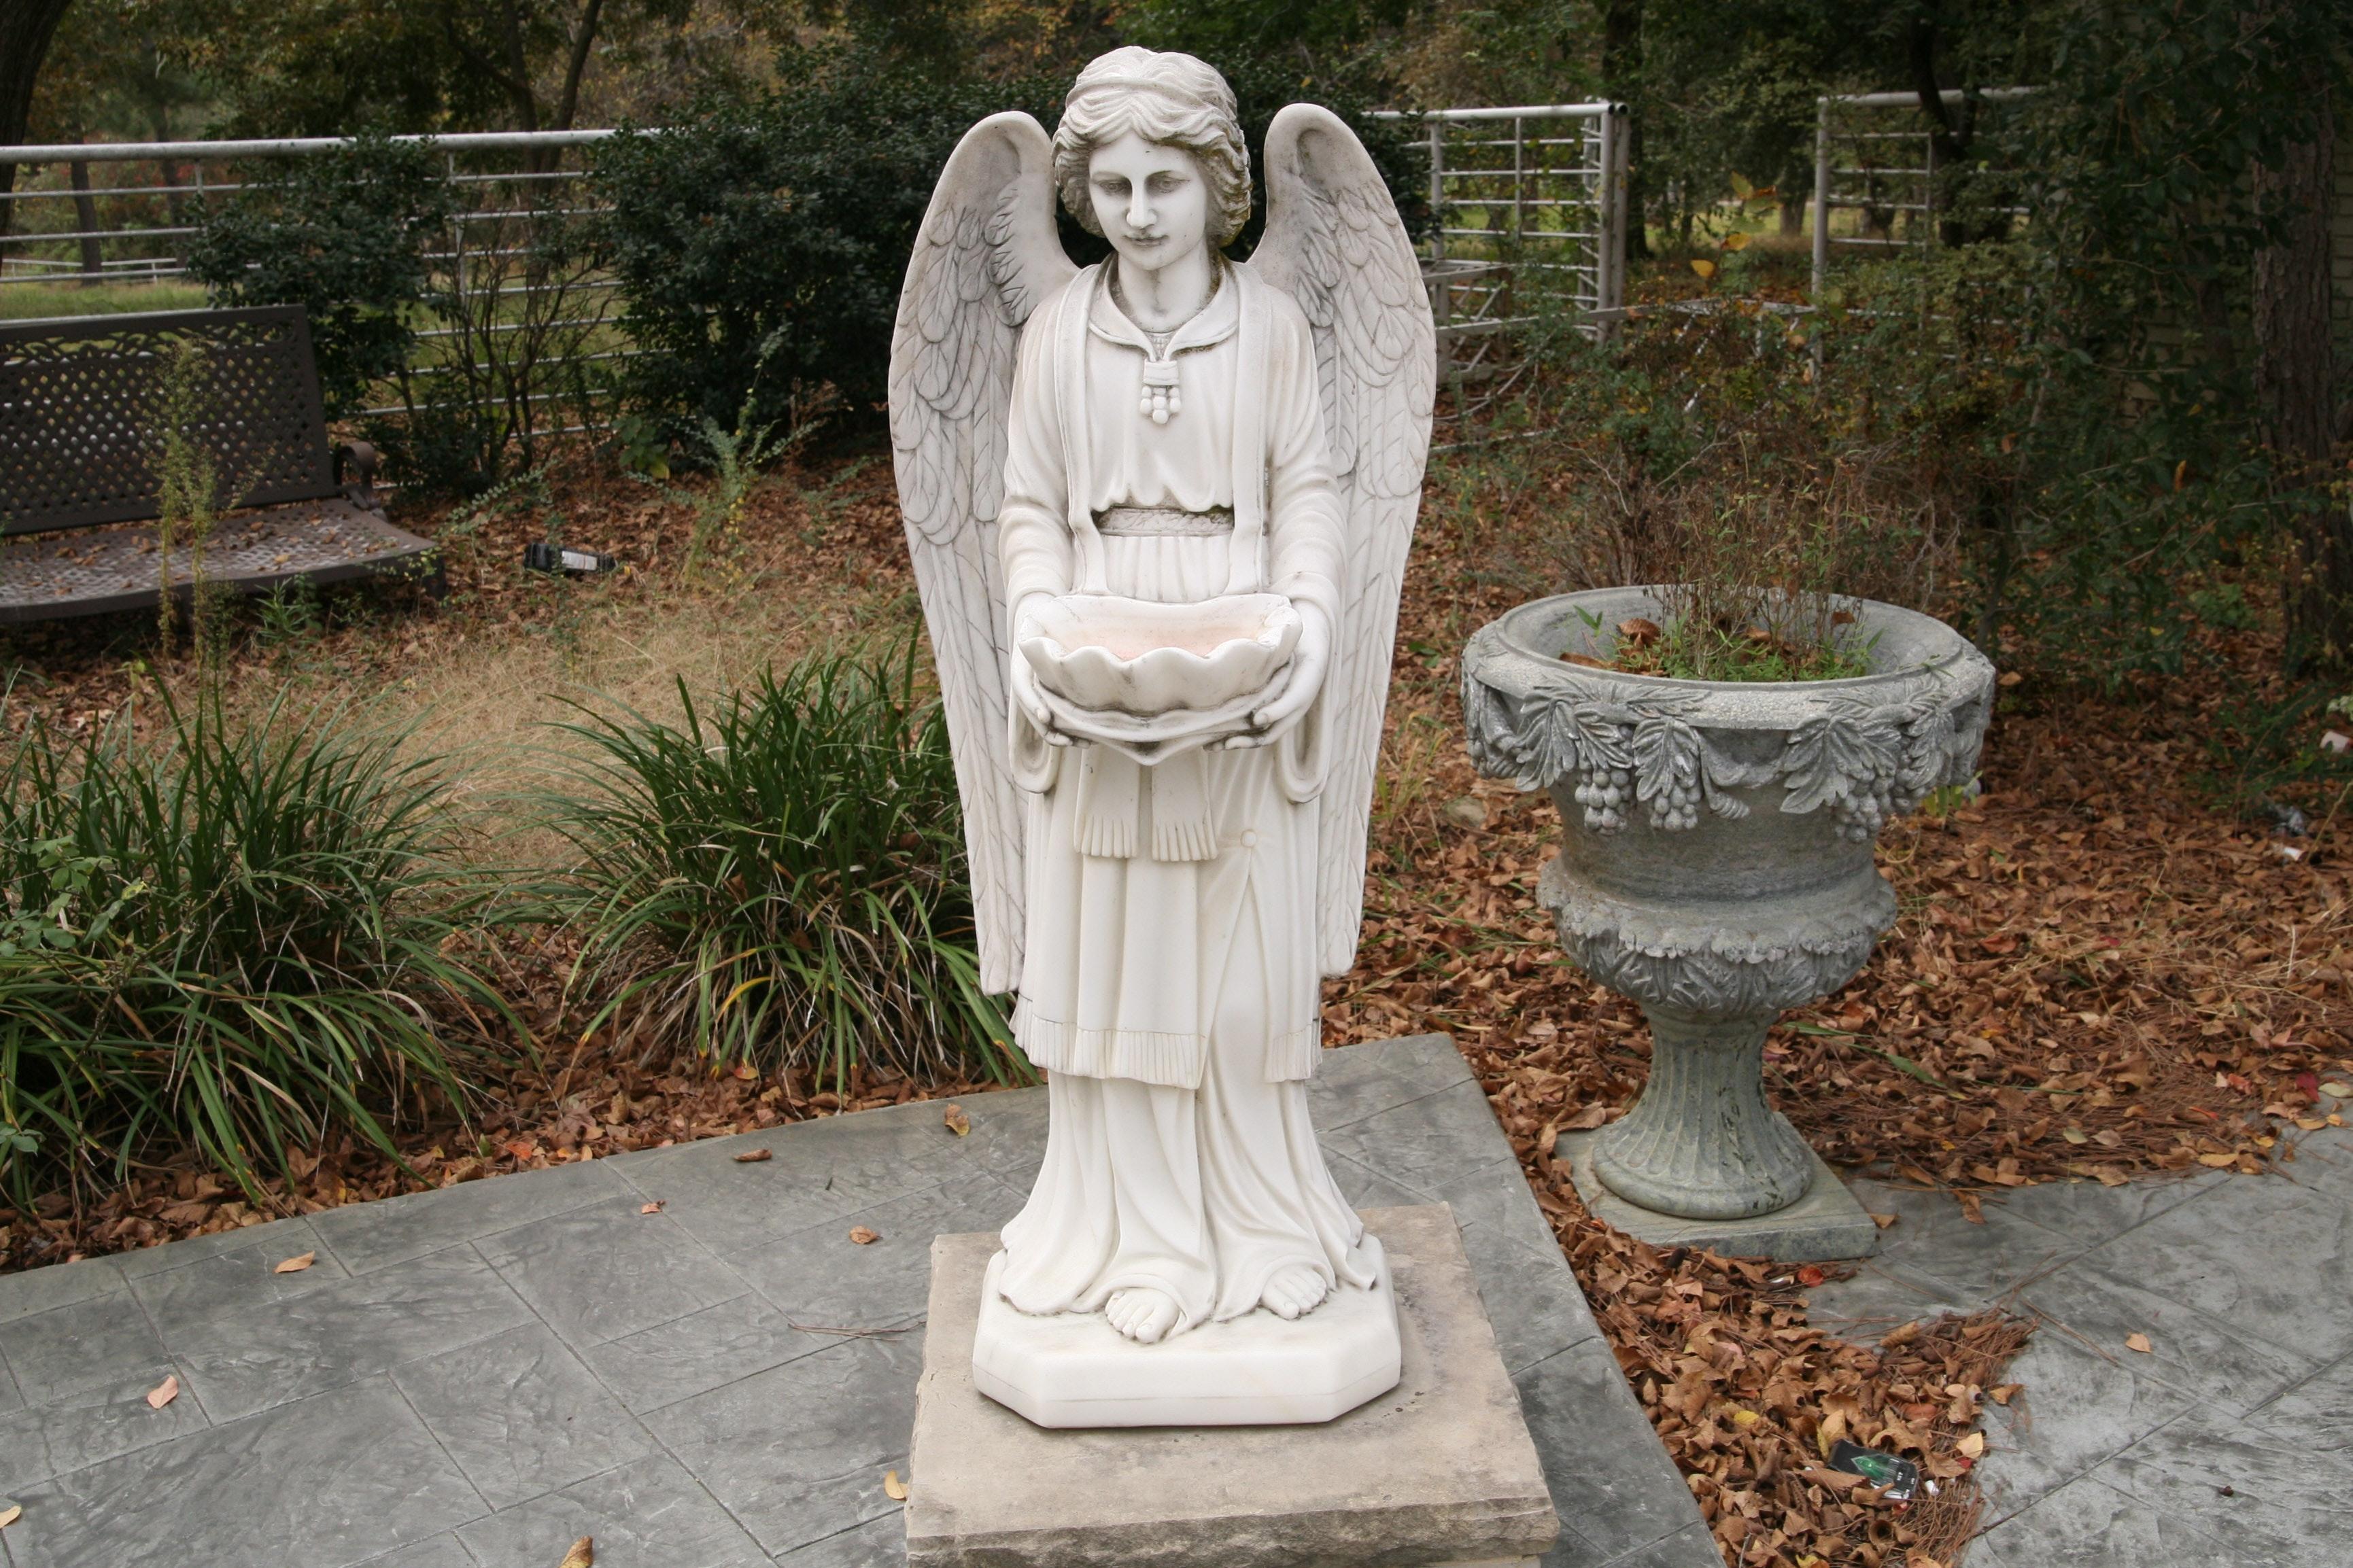 Marble Garden Sculpture of an Angel